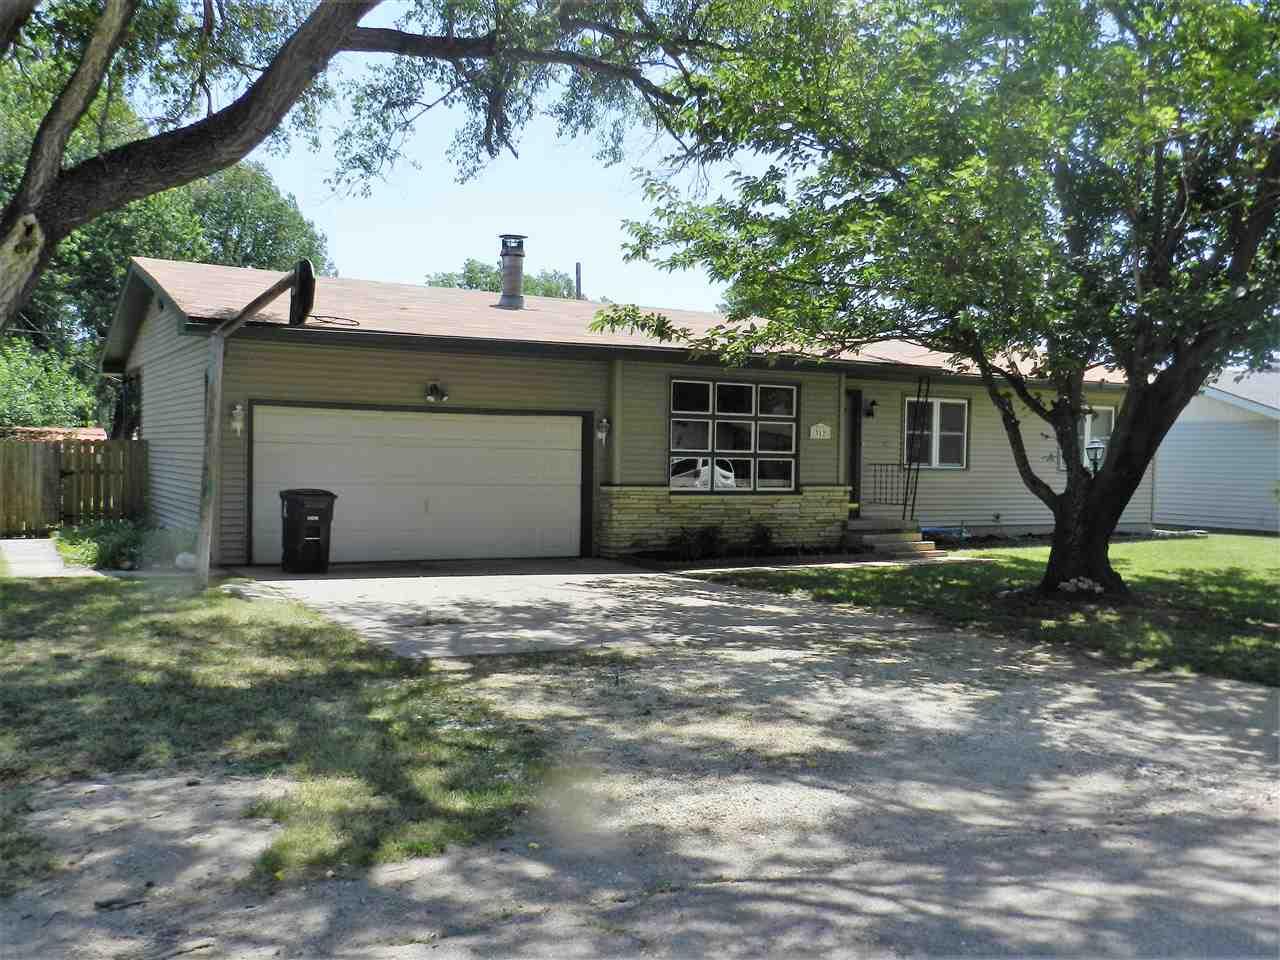 312 N Hunton Rd, El Dorado, KS 67042